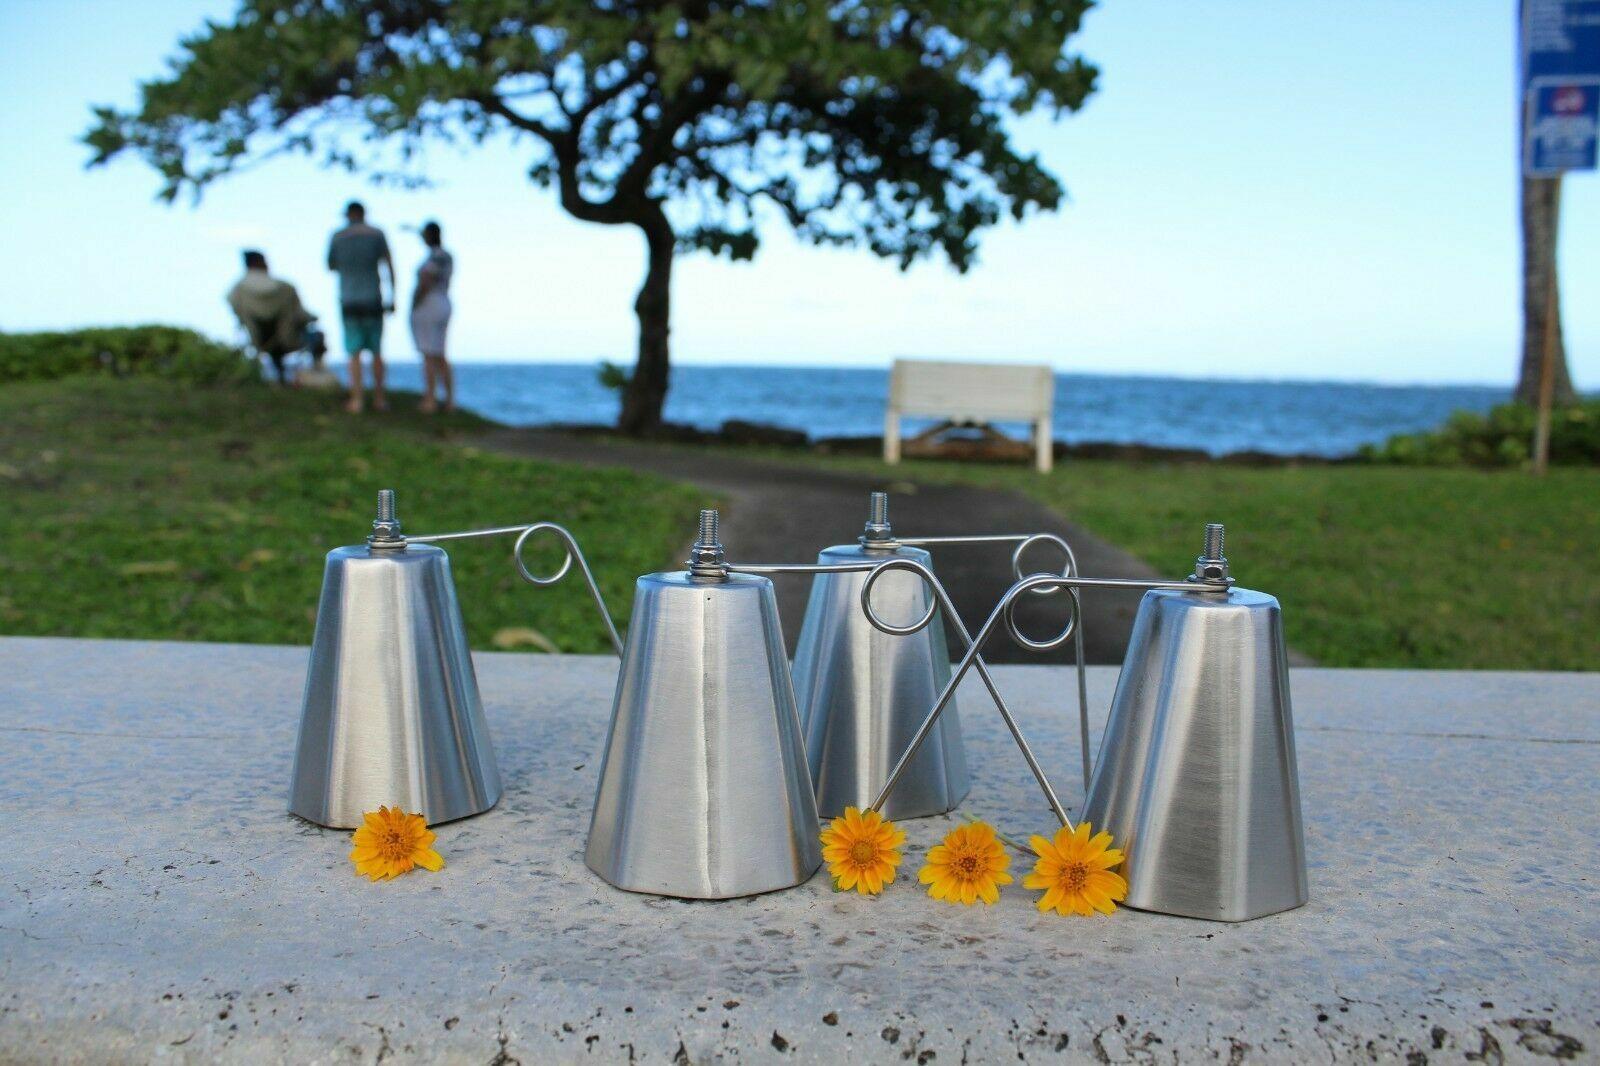 5 campanas Ulua Octagon, Pesca  Campanas, Acero Inoxidable, 0.035 pulgadas  nuevo estilo